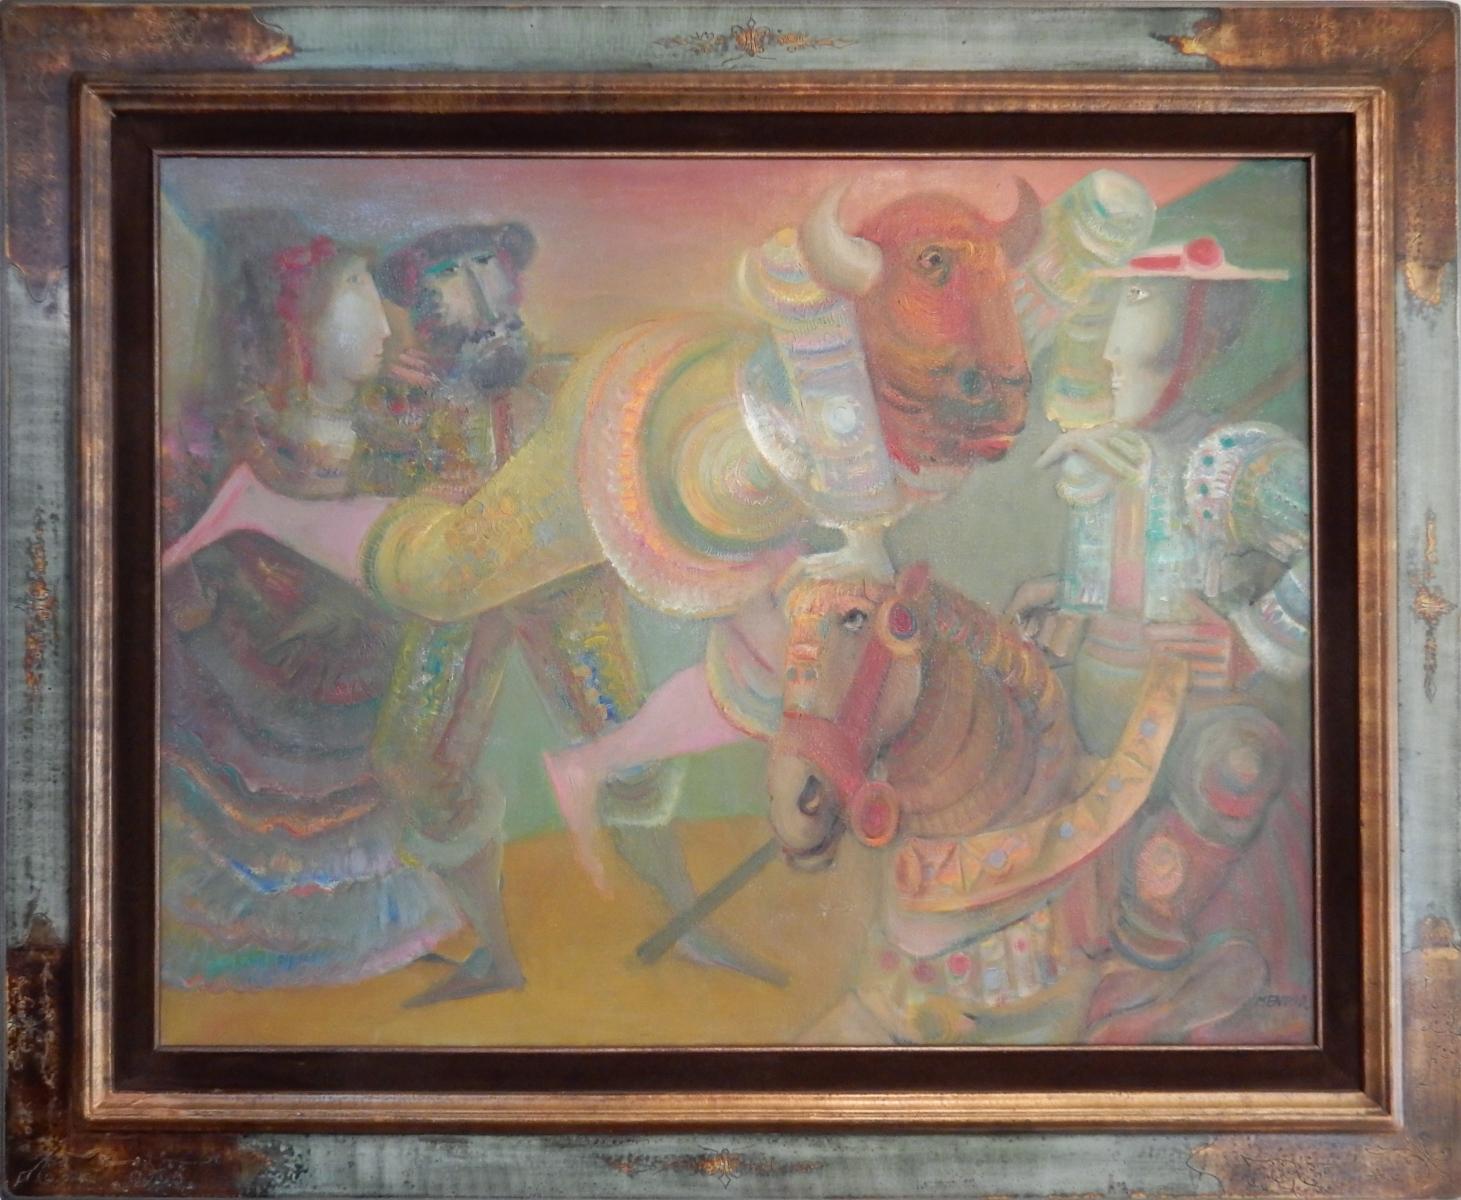 04- MENTOR, La Métamorphose, 1980, huile sur toile, 89 x 116 cm, Coll. part.